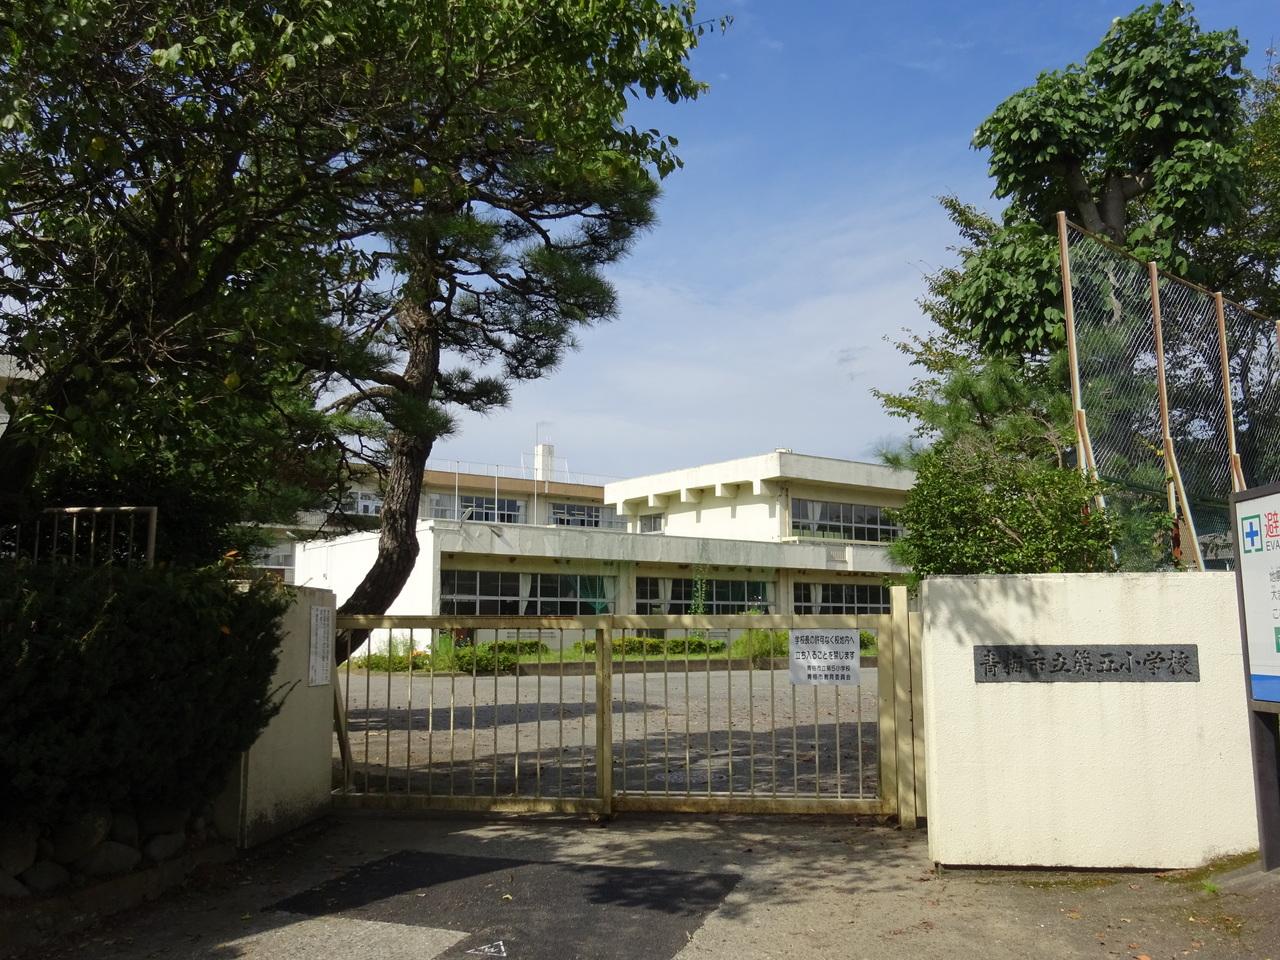 【小学校】青梅第五小学校より徒歩約34分(約2700m)